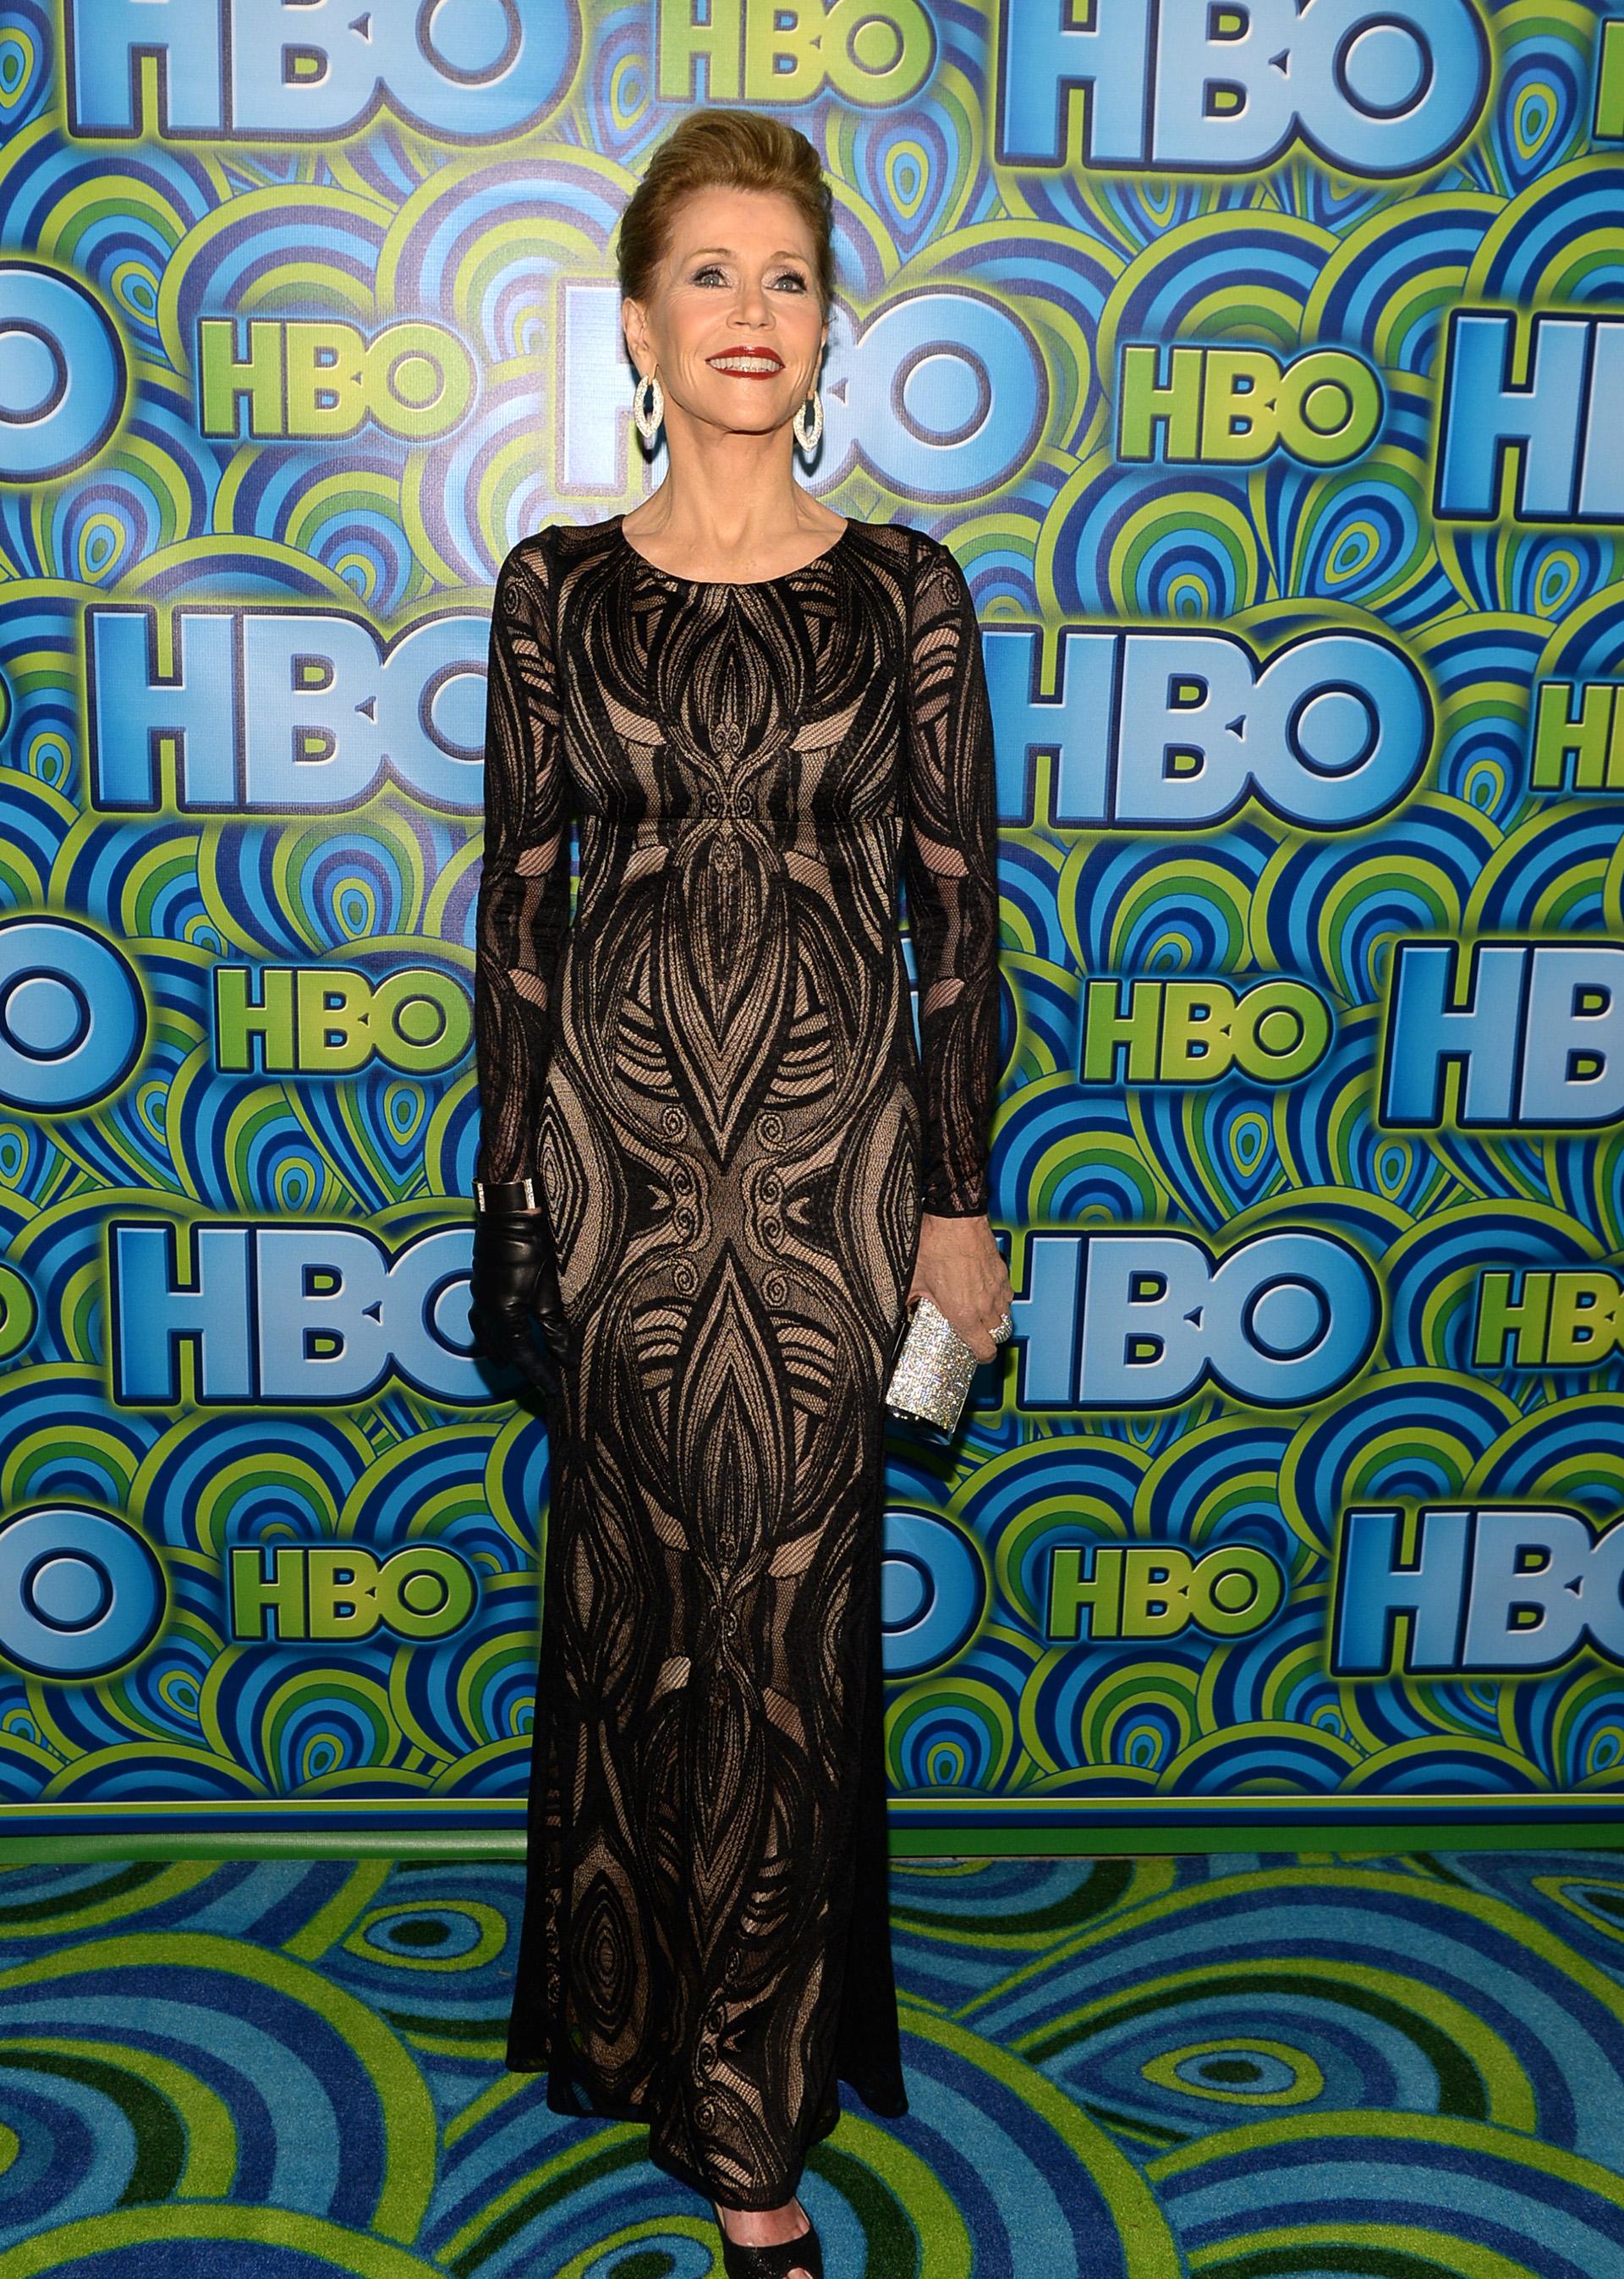 La legendaria Jane Fonda, nominada como mejor actriz de comedia por Grace and Frankie, es una de las figuras más esperadas del evento por su estilo único a la hora de vestir ( Michael Buckner/Getty Images)